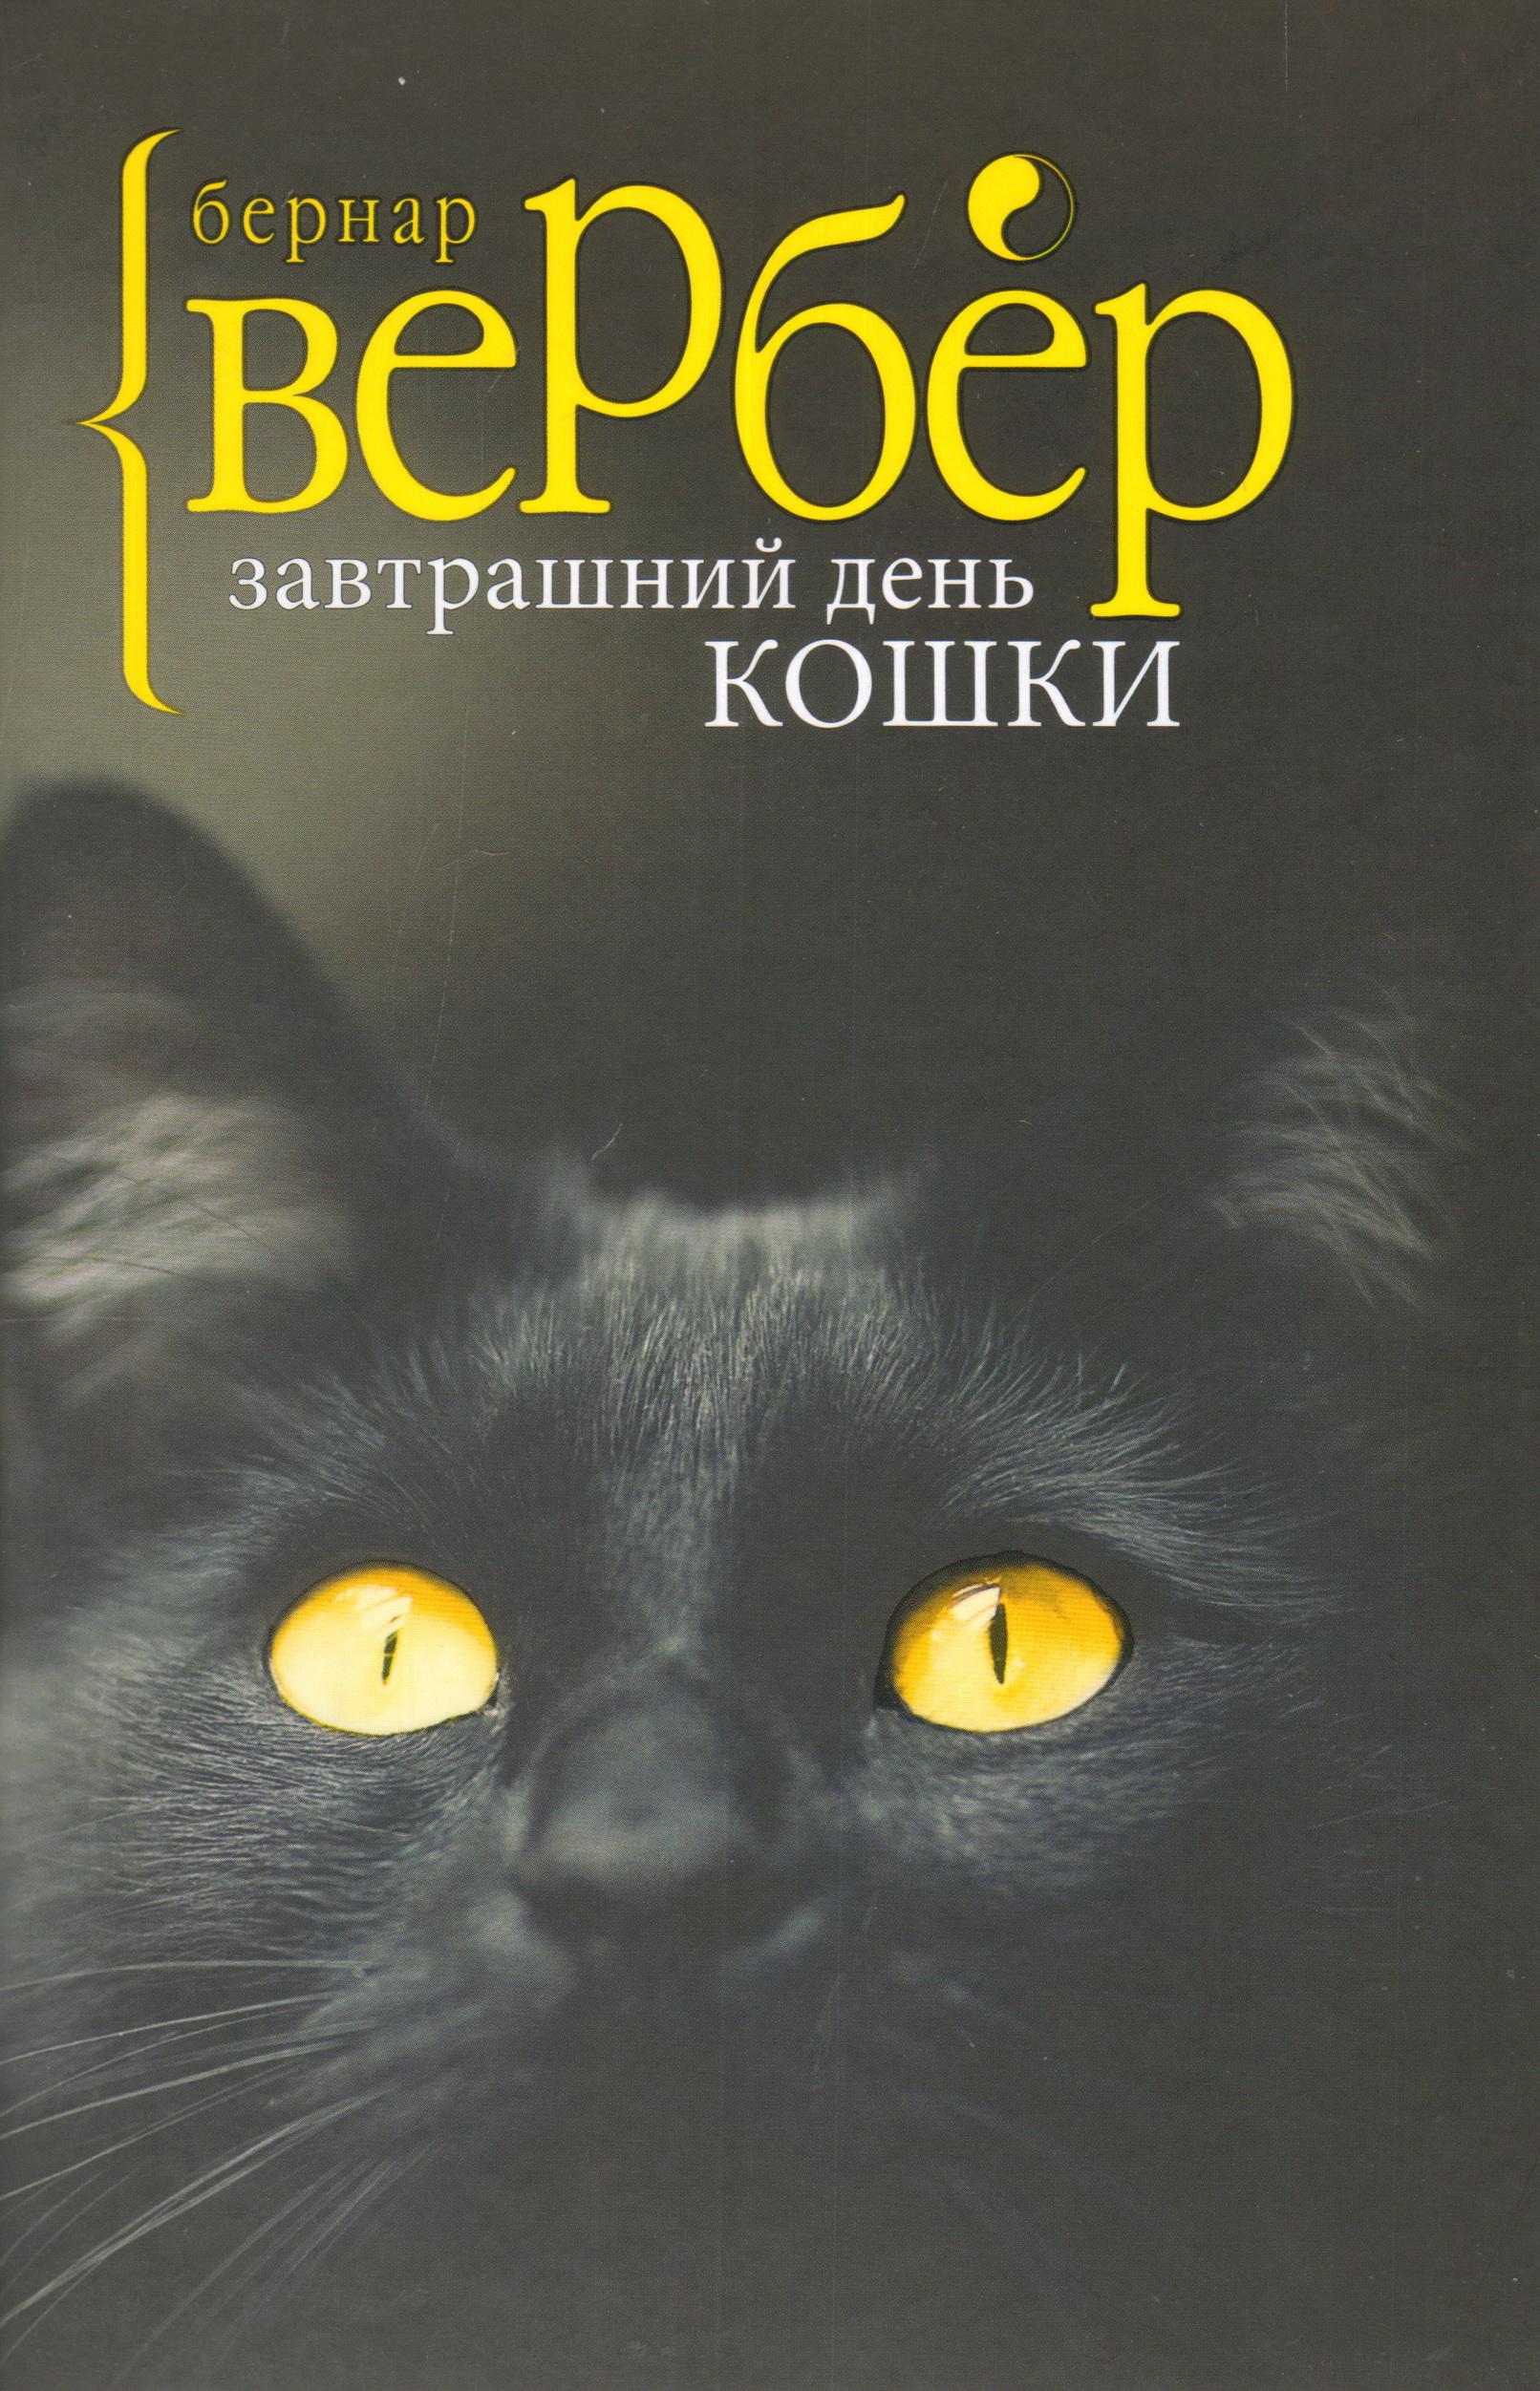 Рип.Вербер.Завтрашний день кошки(изд.впервые)